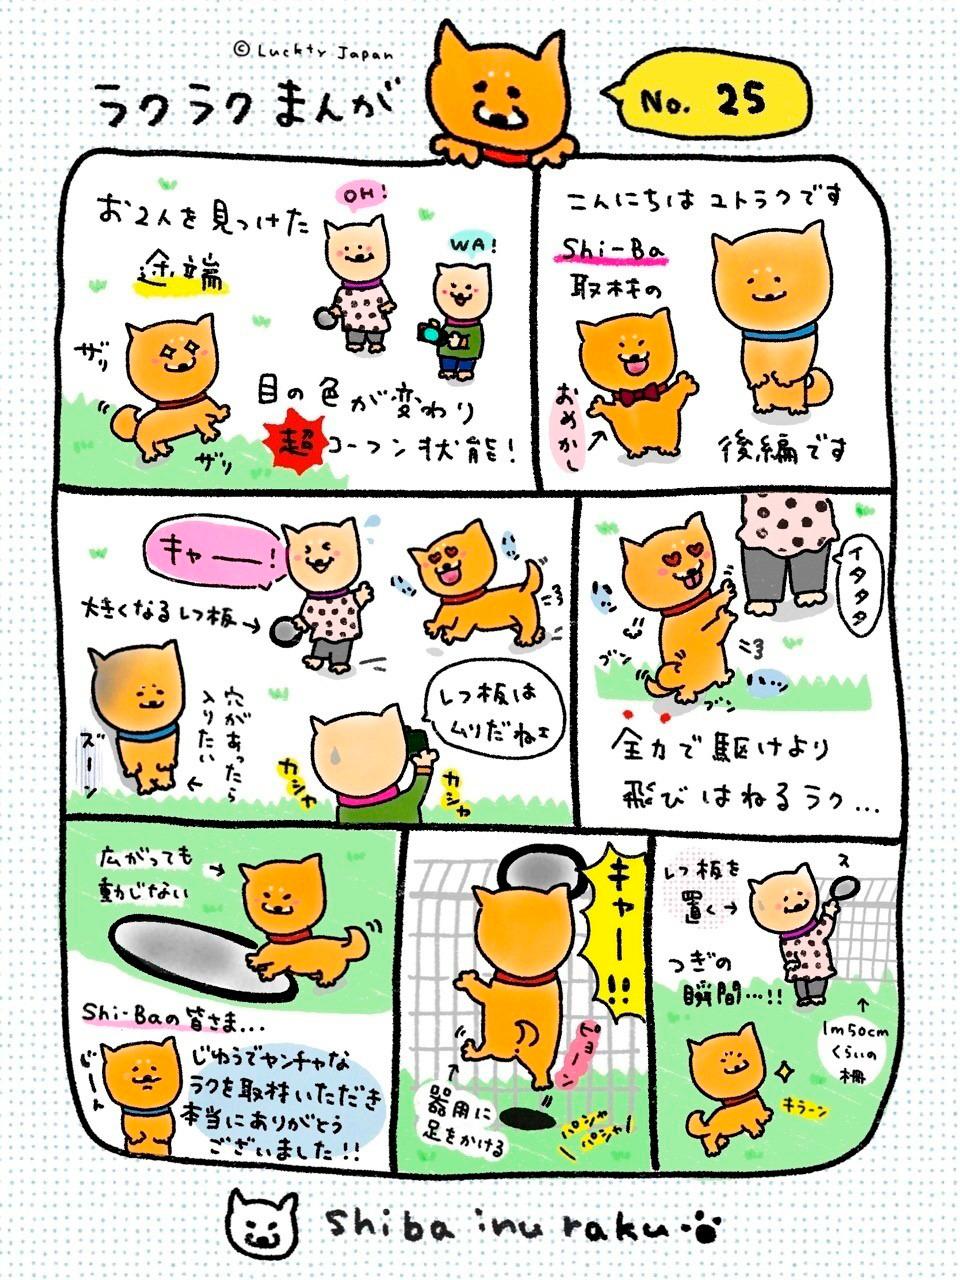 ラクラクまんが【No.25】雑誌Shi-Baの取材(後編)